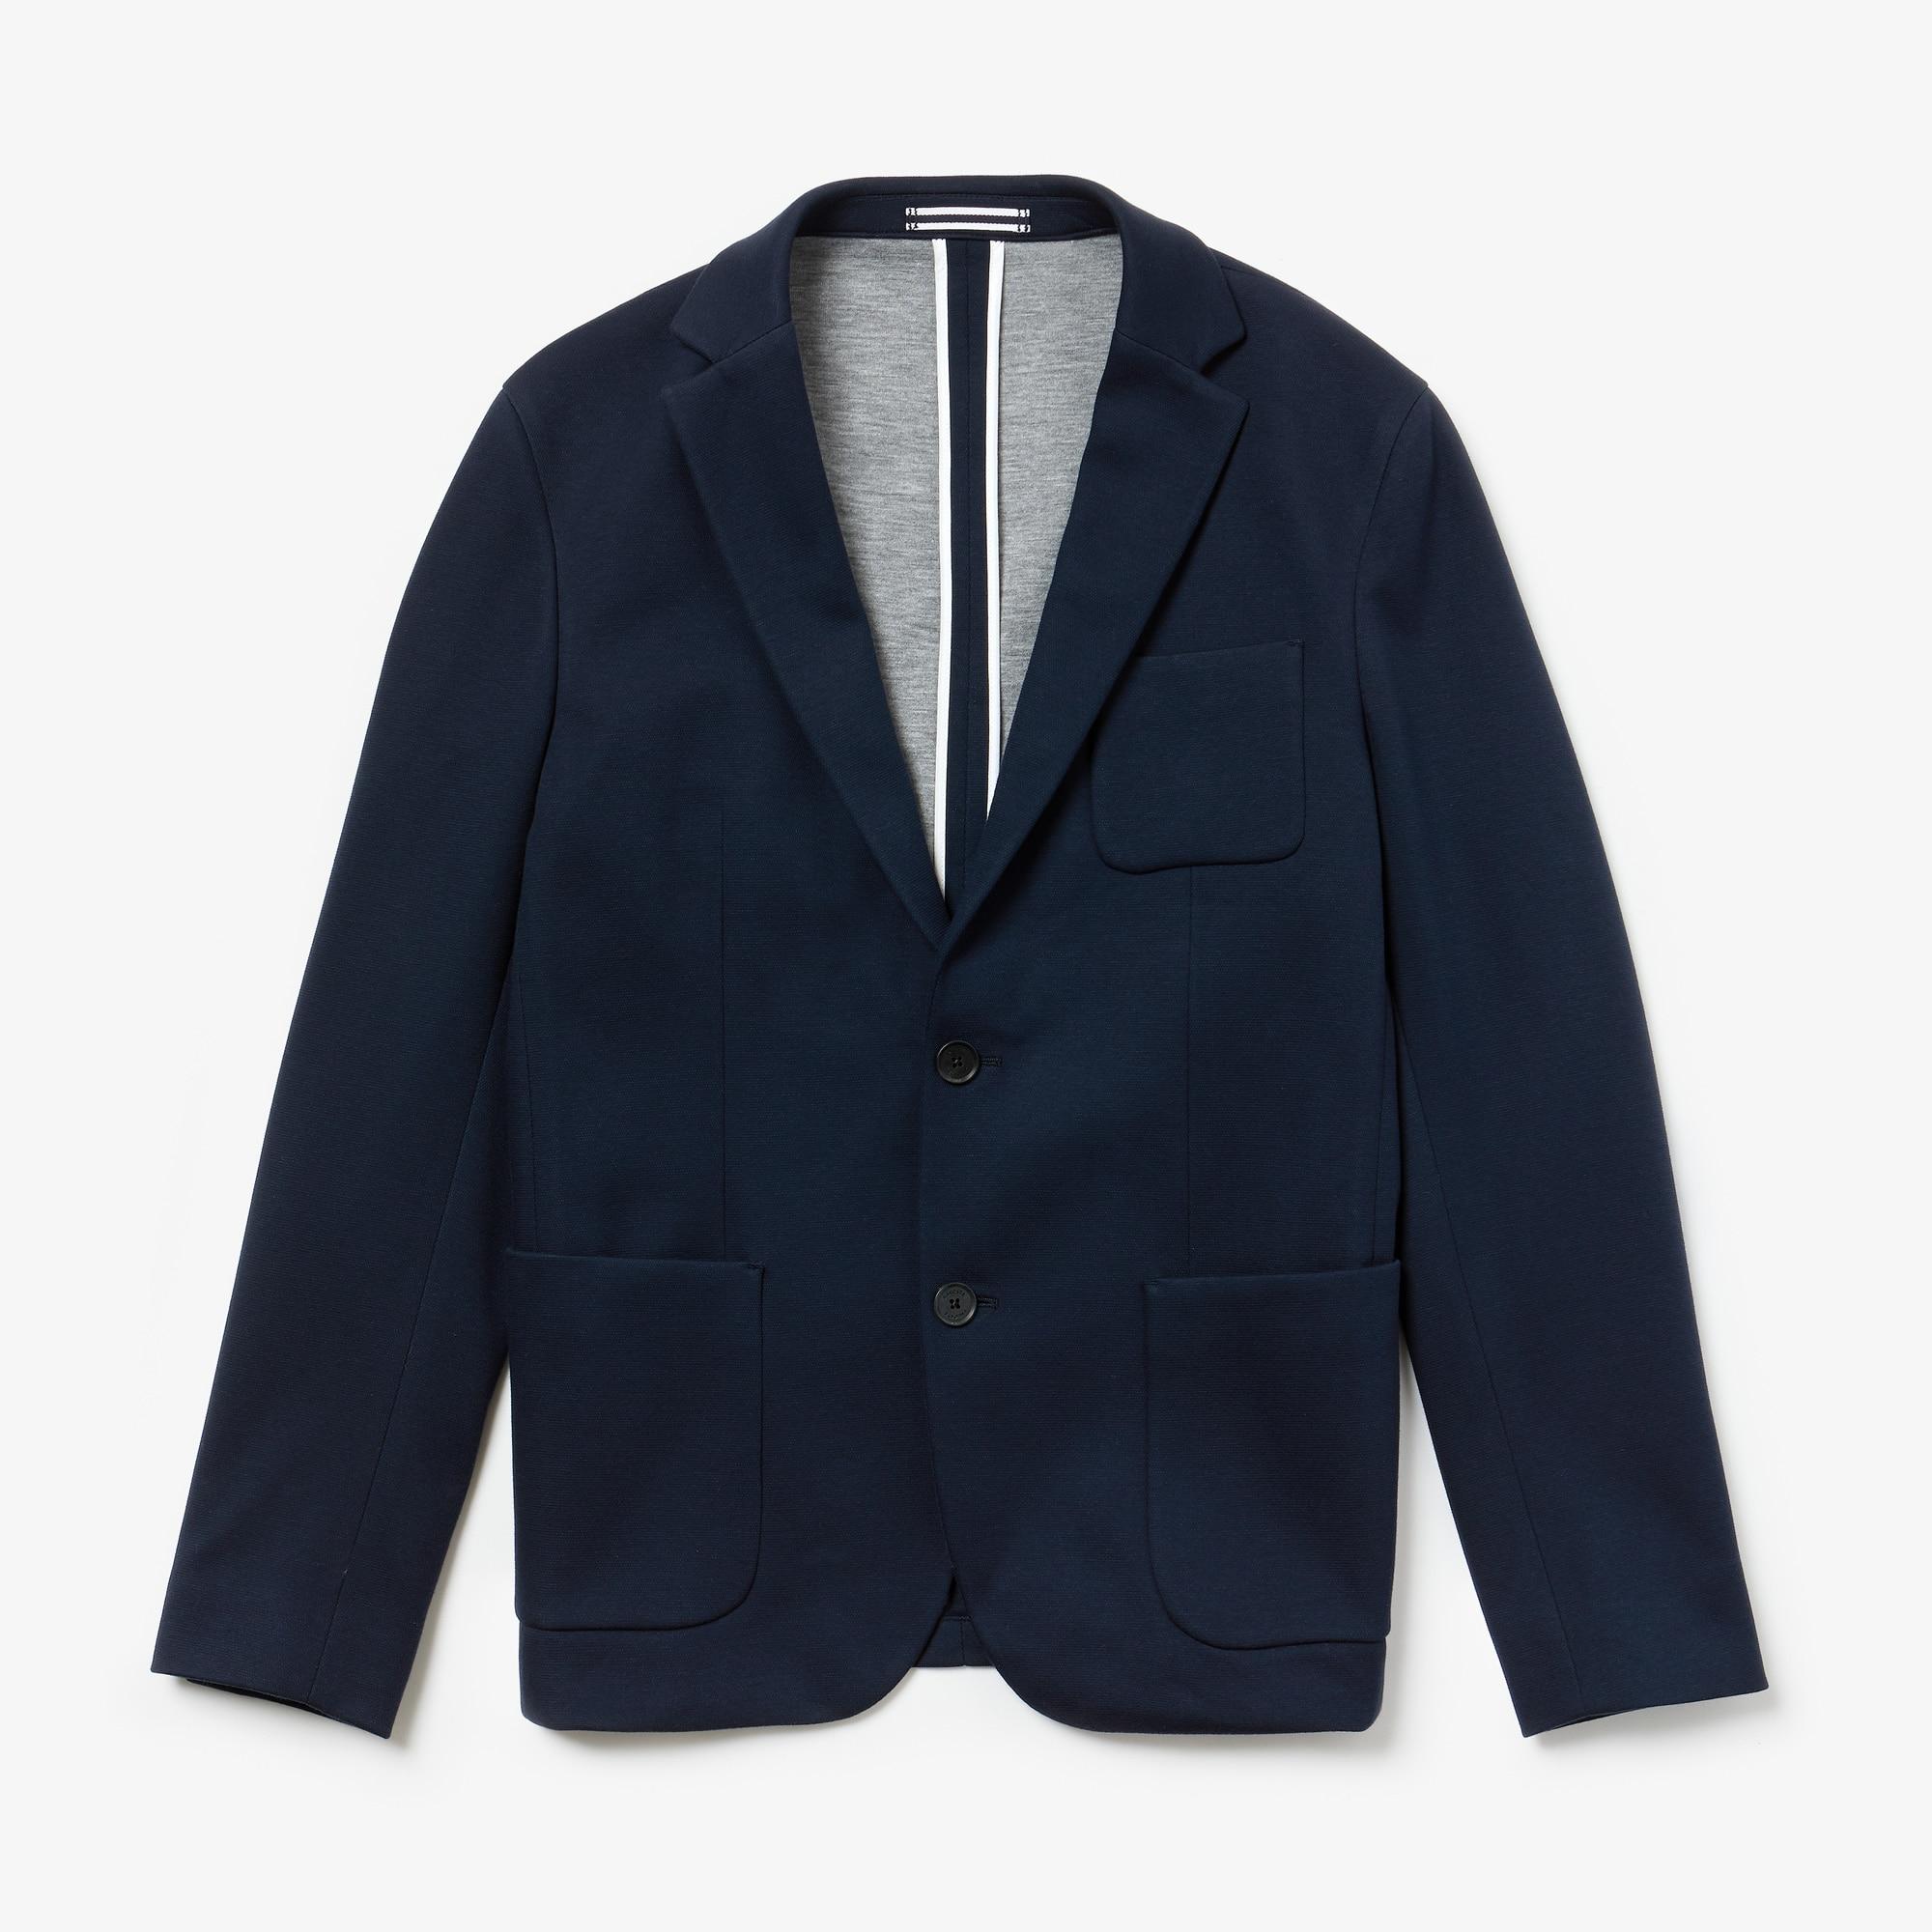 Blazer en piqué et jersey de coton stretch